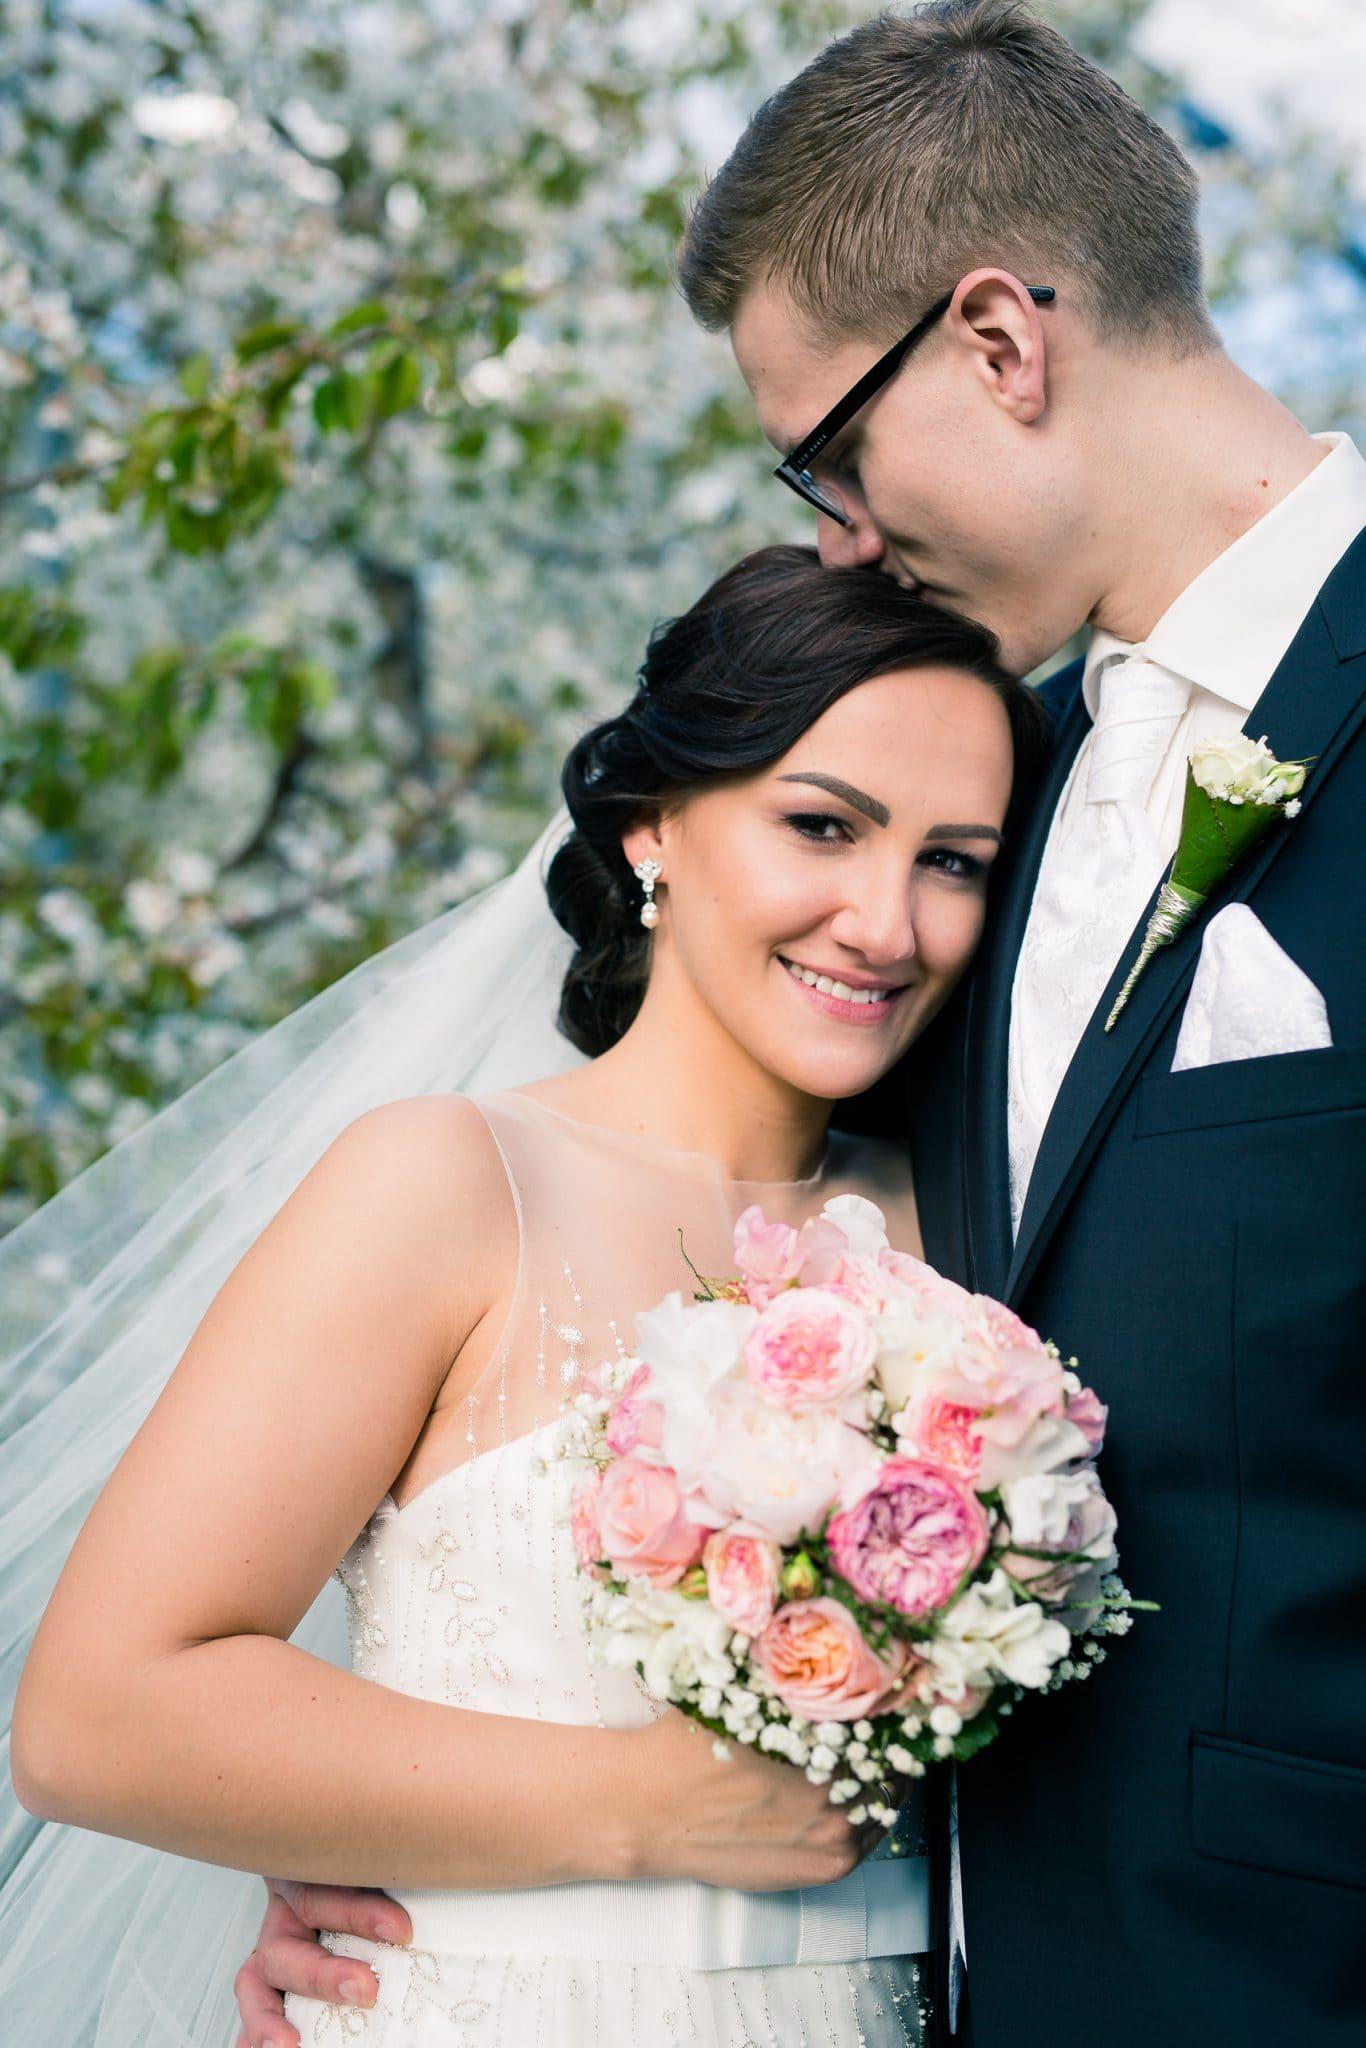 hochzeit_wedding_tirol_040_dianapeter_photography_hochzeitsfotografie_portraitfotografie__m3_8746